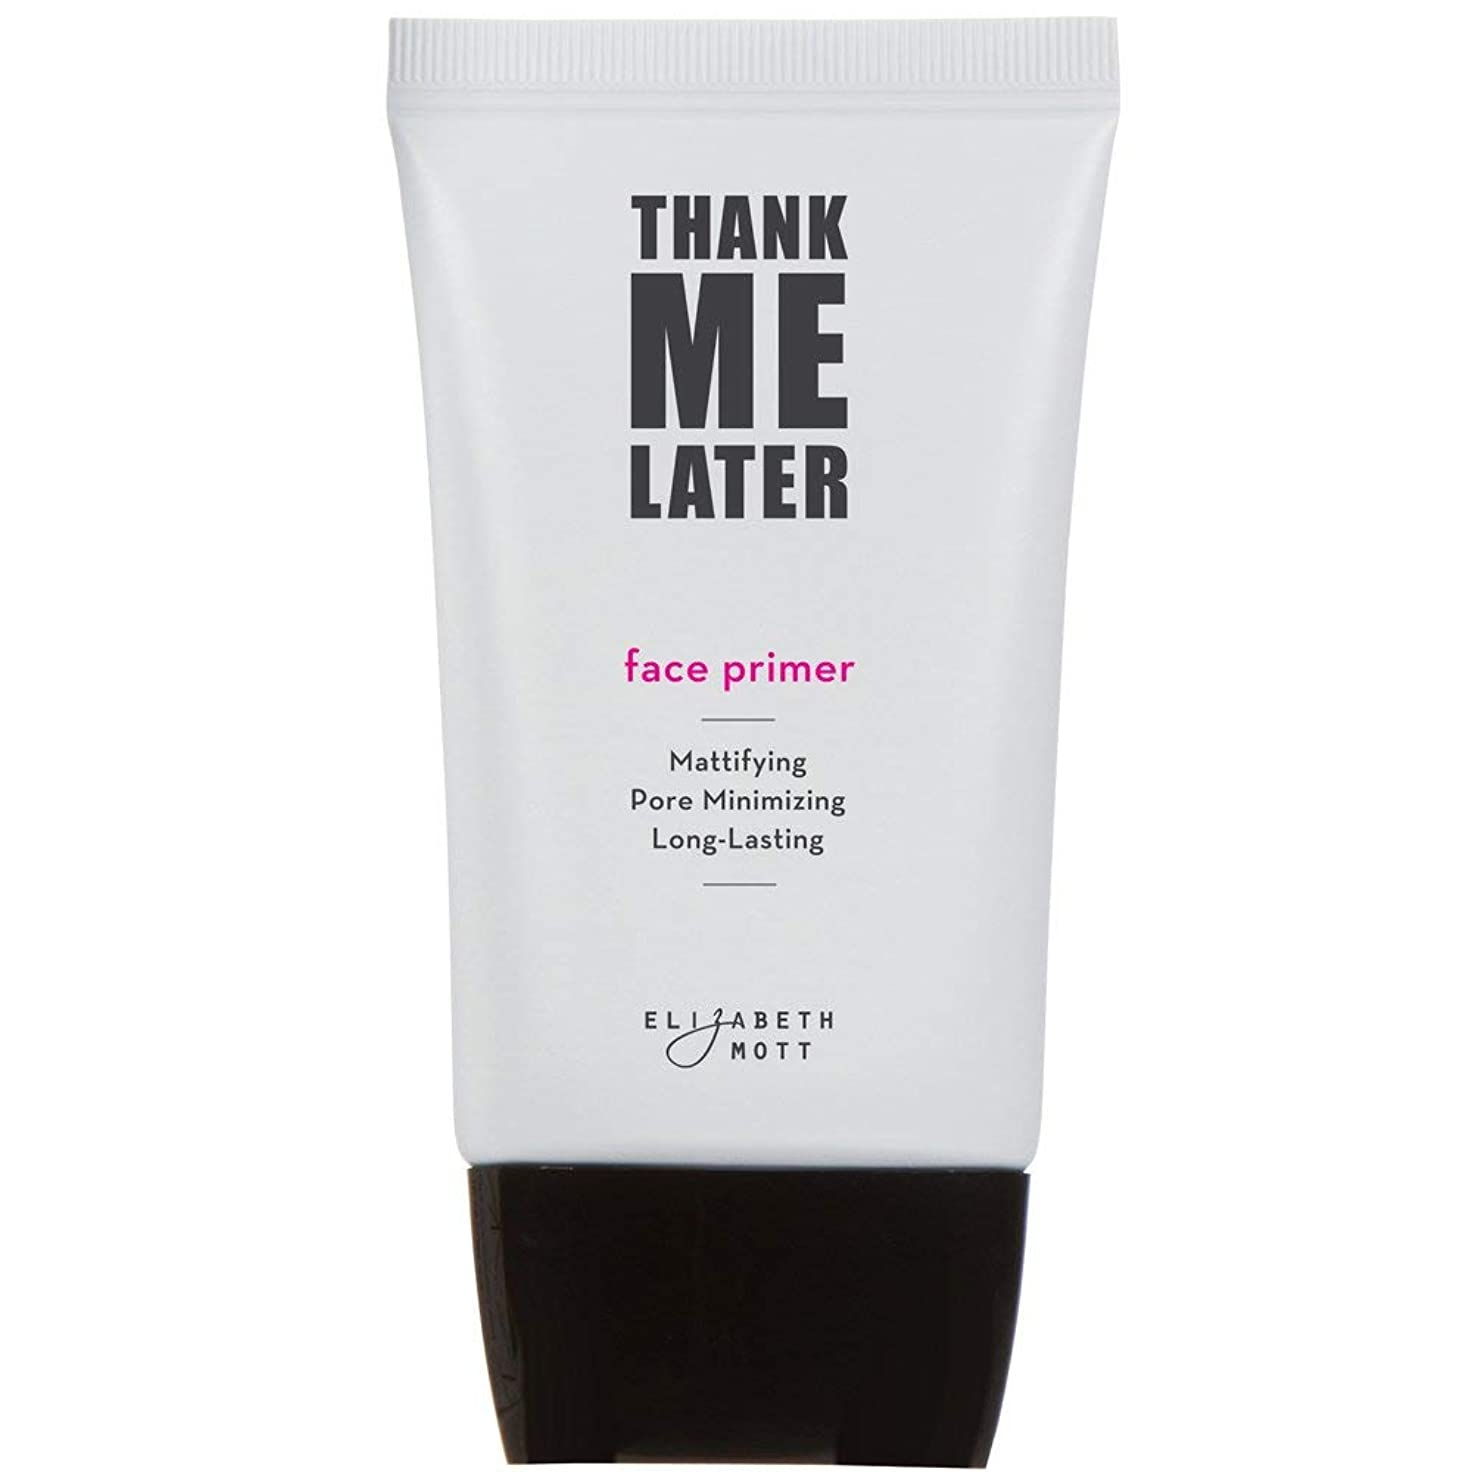 ギャラリーペルメル丘Thank Me Later Primer. Paraben-free and Cruelty Free. … Face Primer (30G) フェイスプライマー(下地)